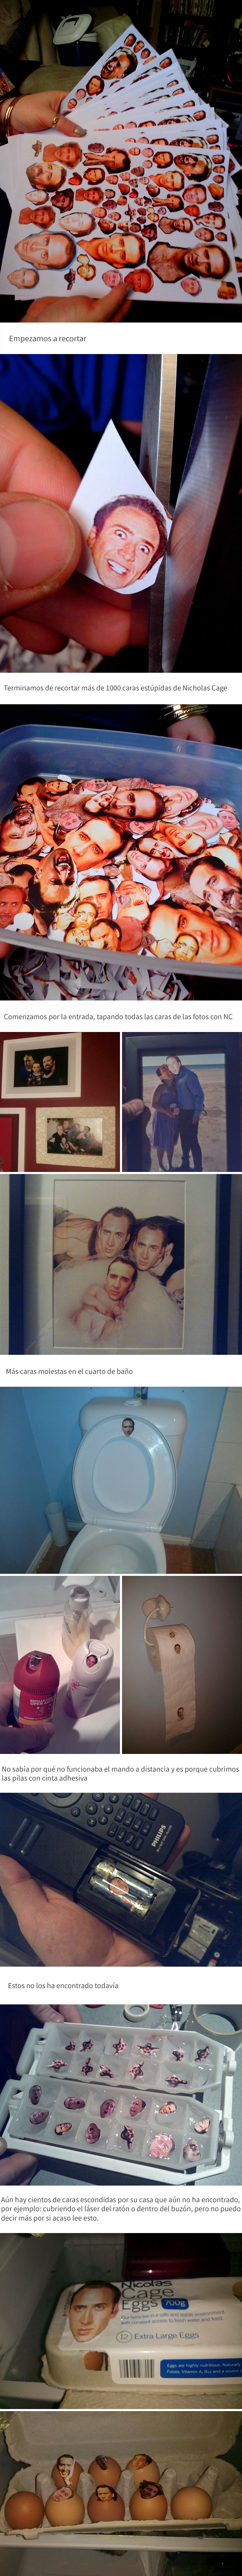 hermanos-idiotas-1